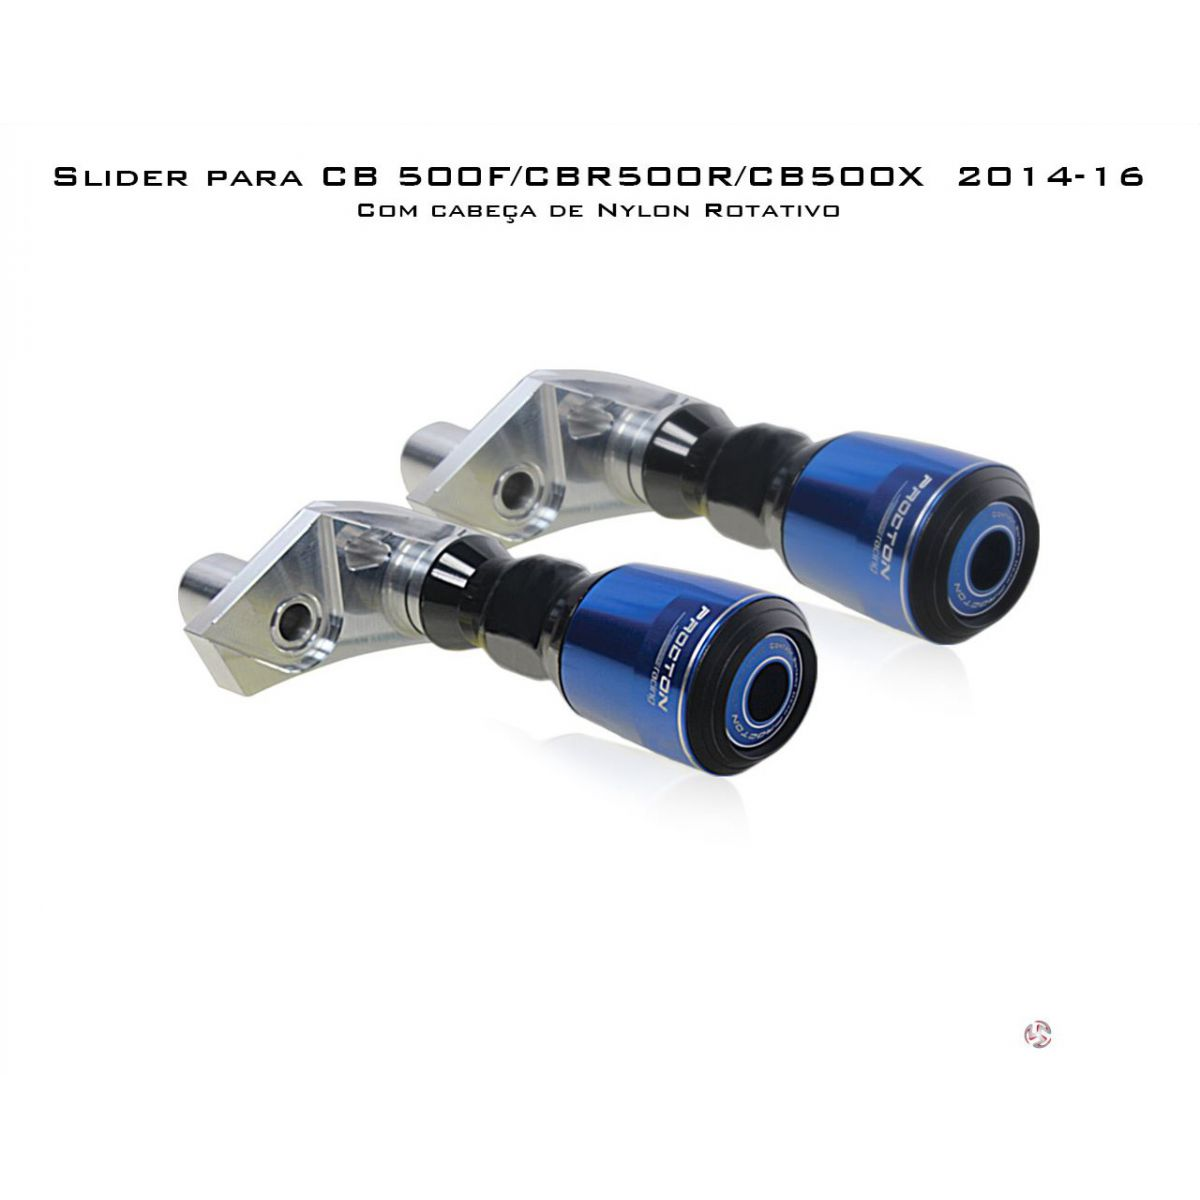 Slider Dianteiro Procton com Amortecimento p/ CBR 500R/CB 500F/CB 500X - 14/15 (NYLON ROTATIVO)  - Nova Suzuki Motos e Acessórios